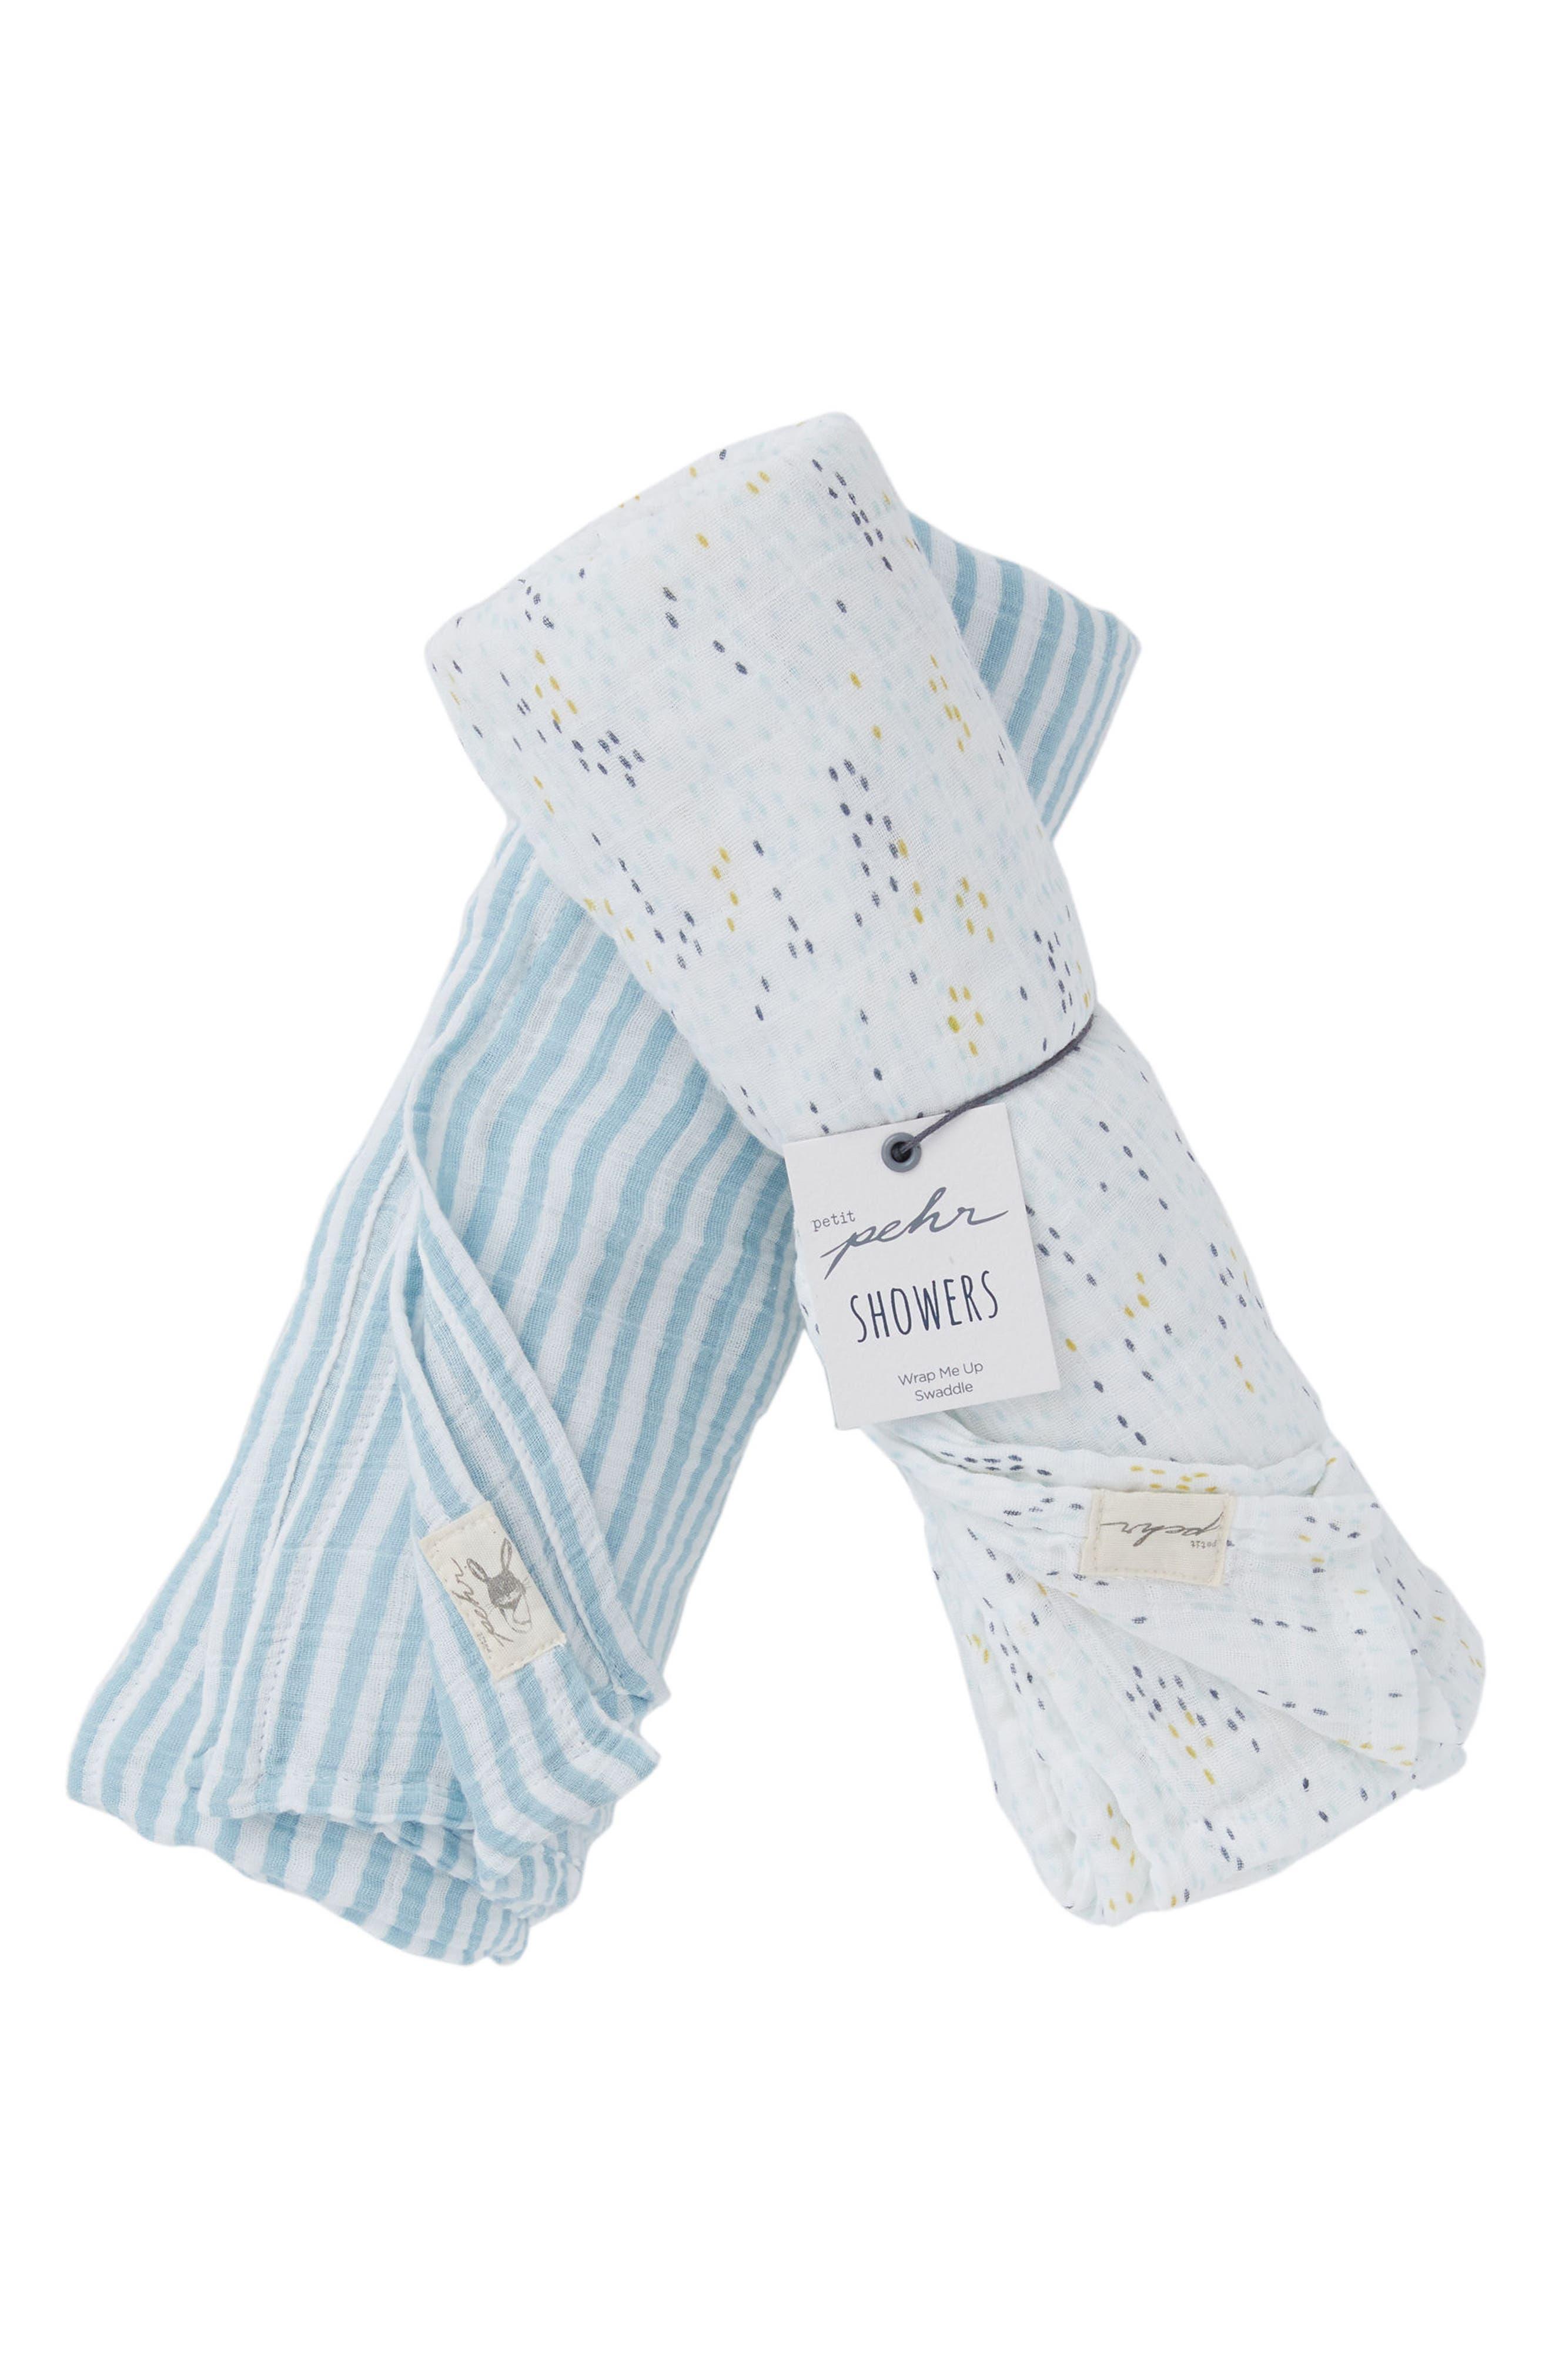 Showers & Stripes Swaddle Blanket Set,                         Main,                         color, Blue